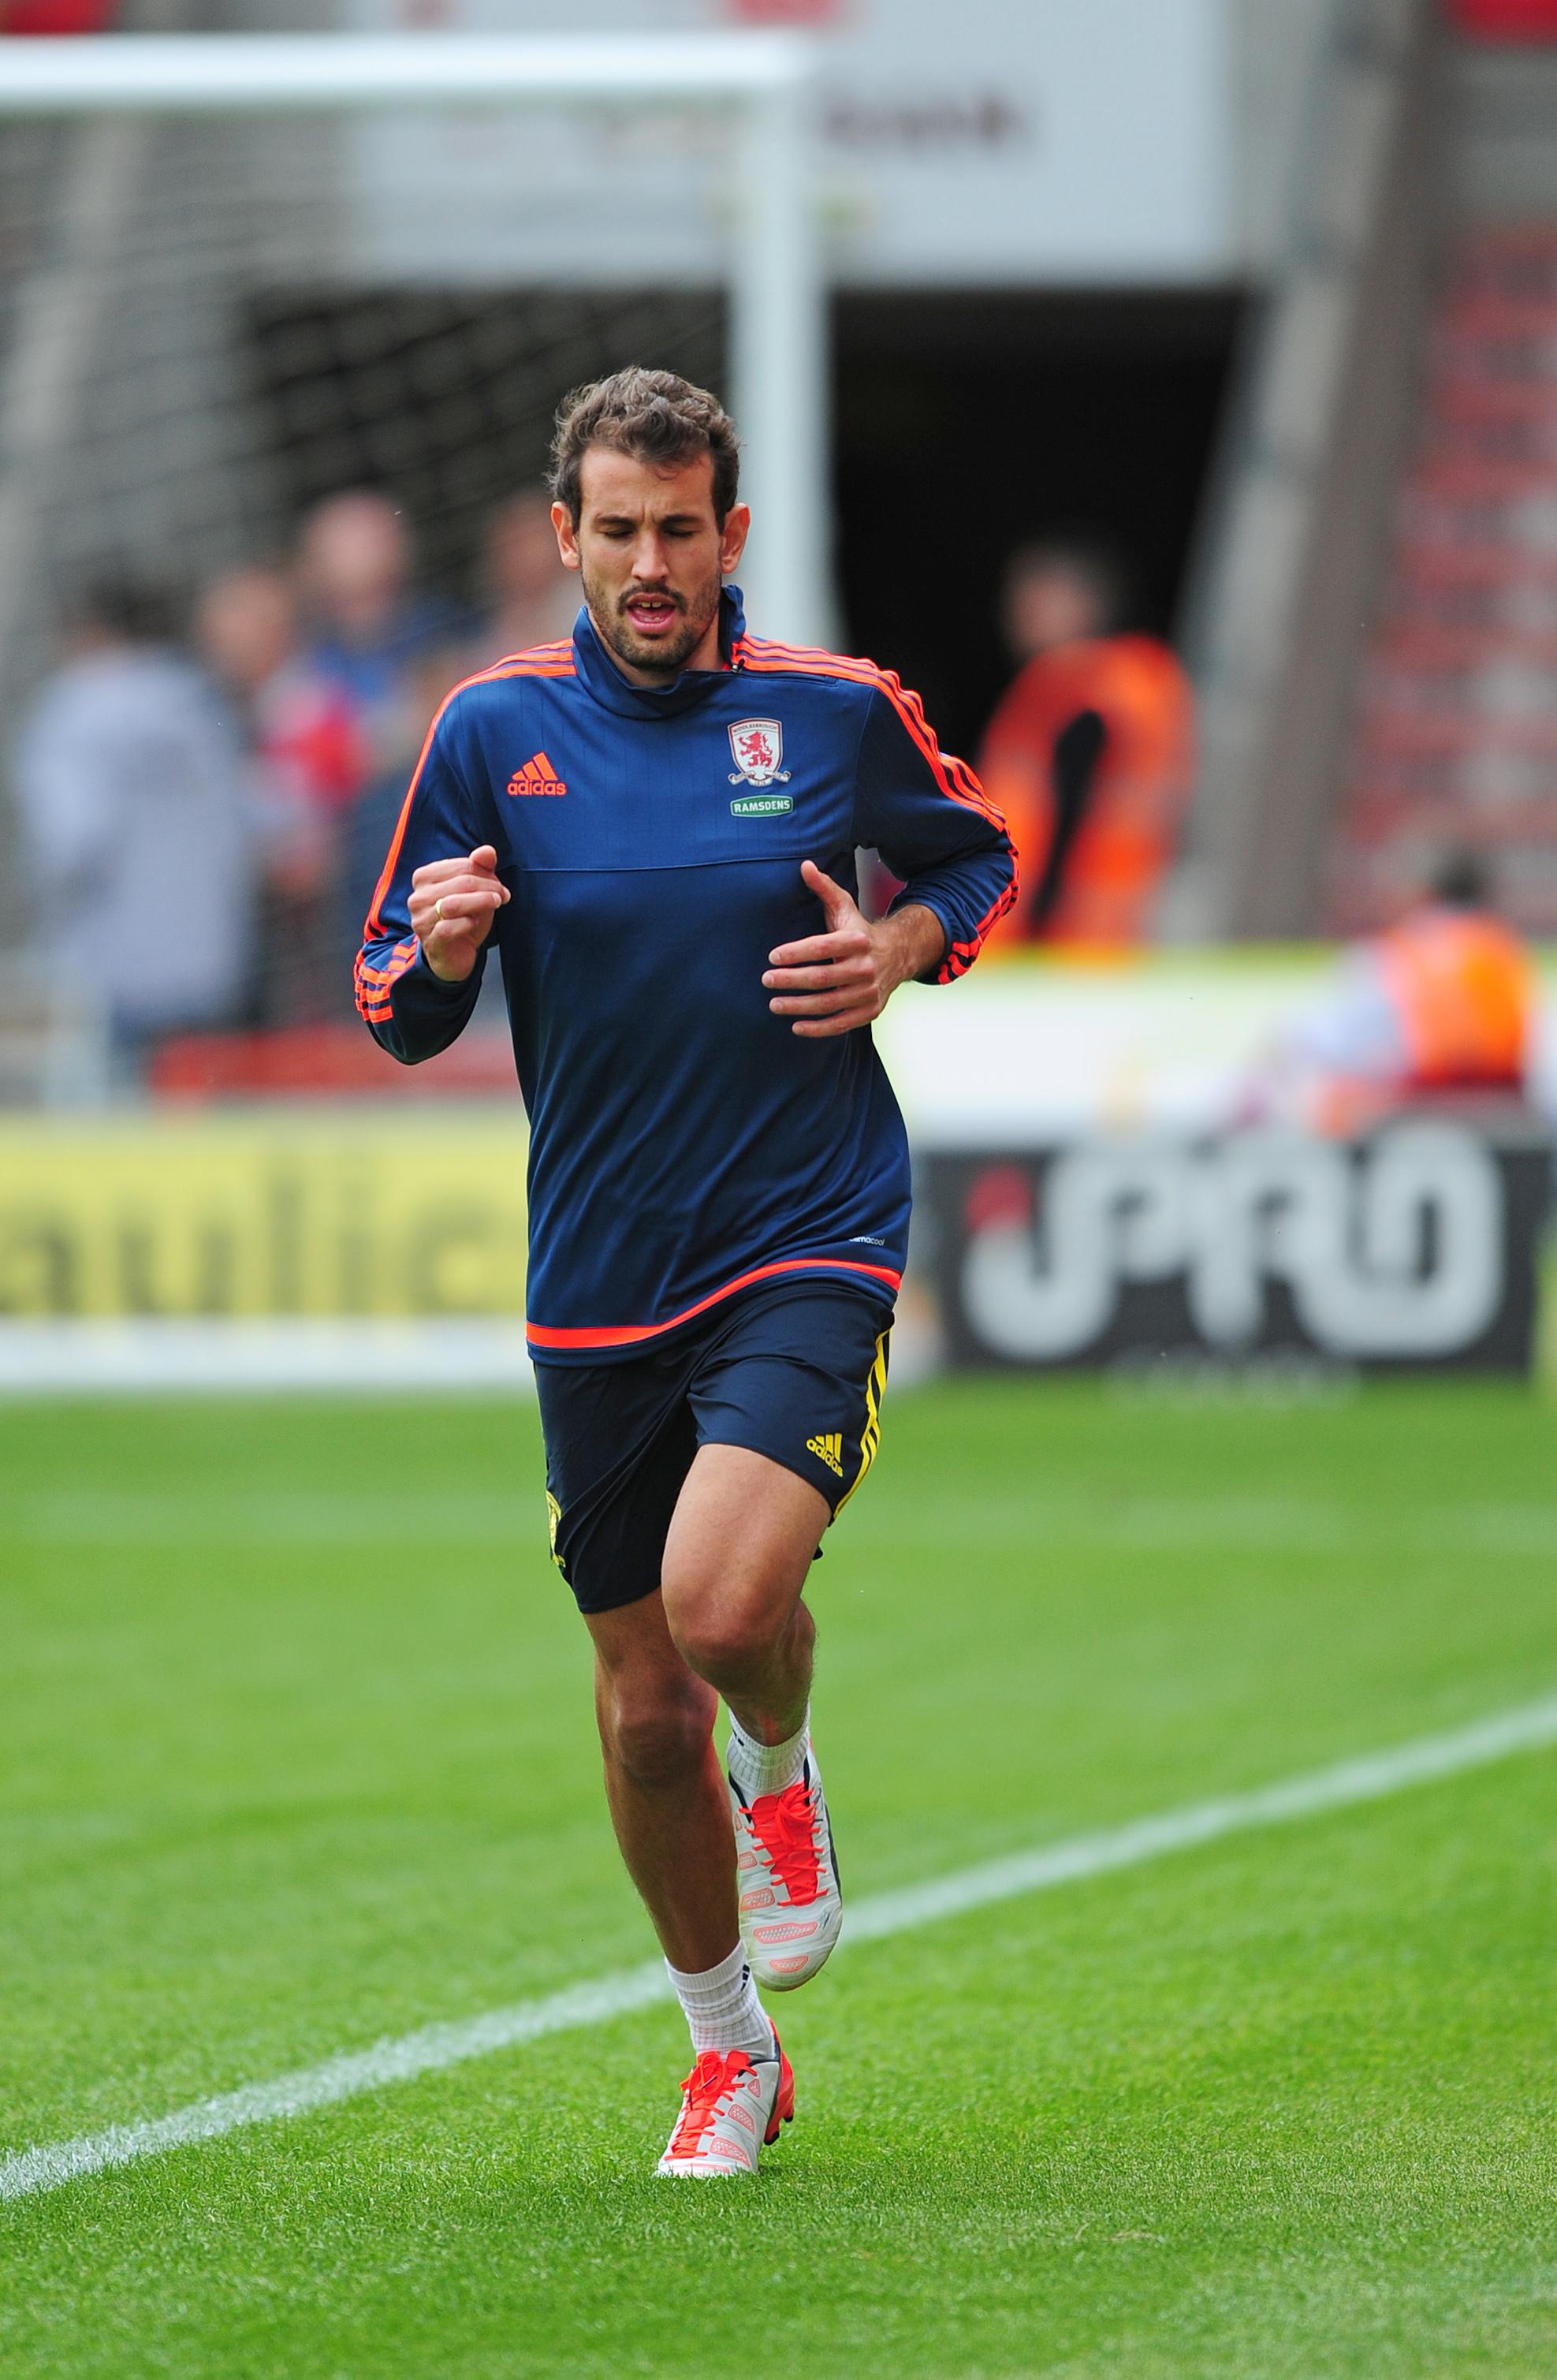 Former Middlesbrough forward set for shock move - to Barcelona